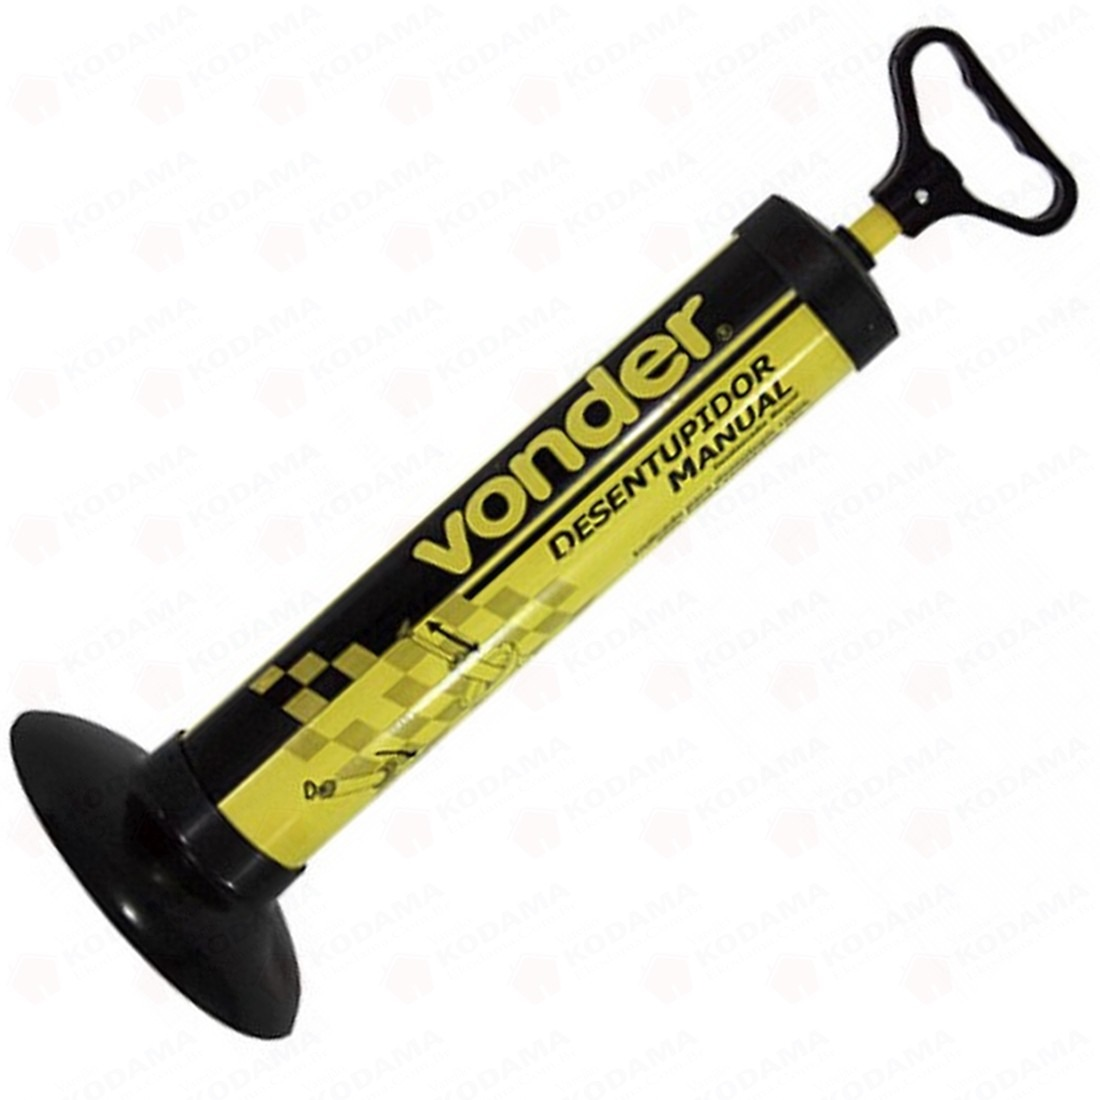 Desentupidor Vonder Manual Bomba Sucção 3 Pol. / Ekodama R$ 54 90  #9D962E 1100x1100 Acessorios Banheiro Sucção